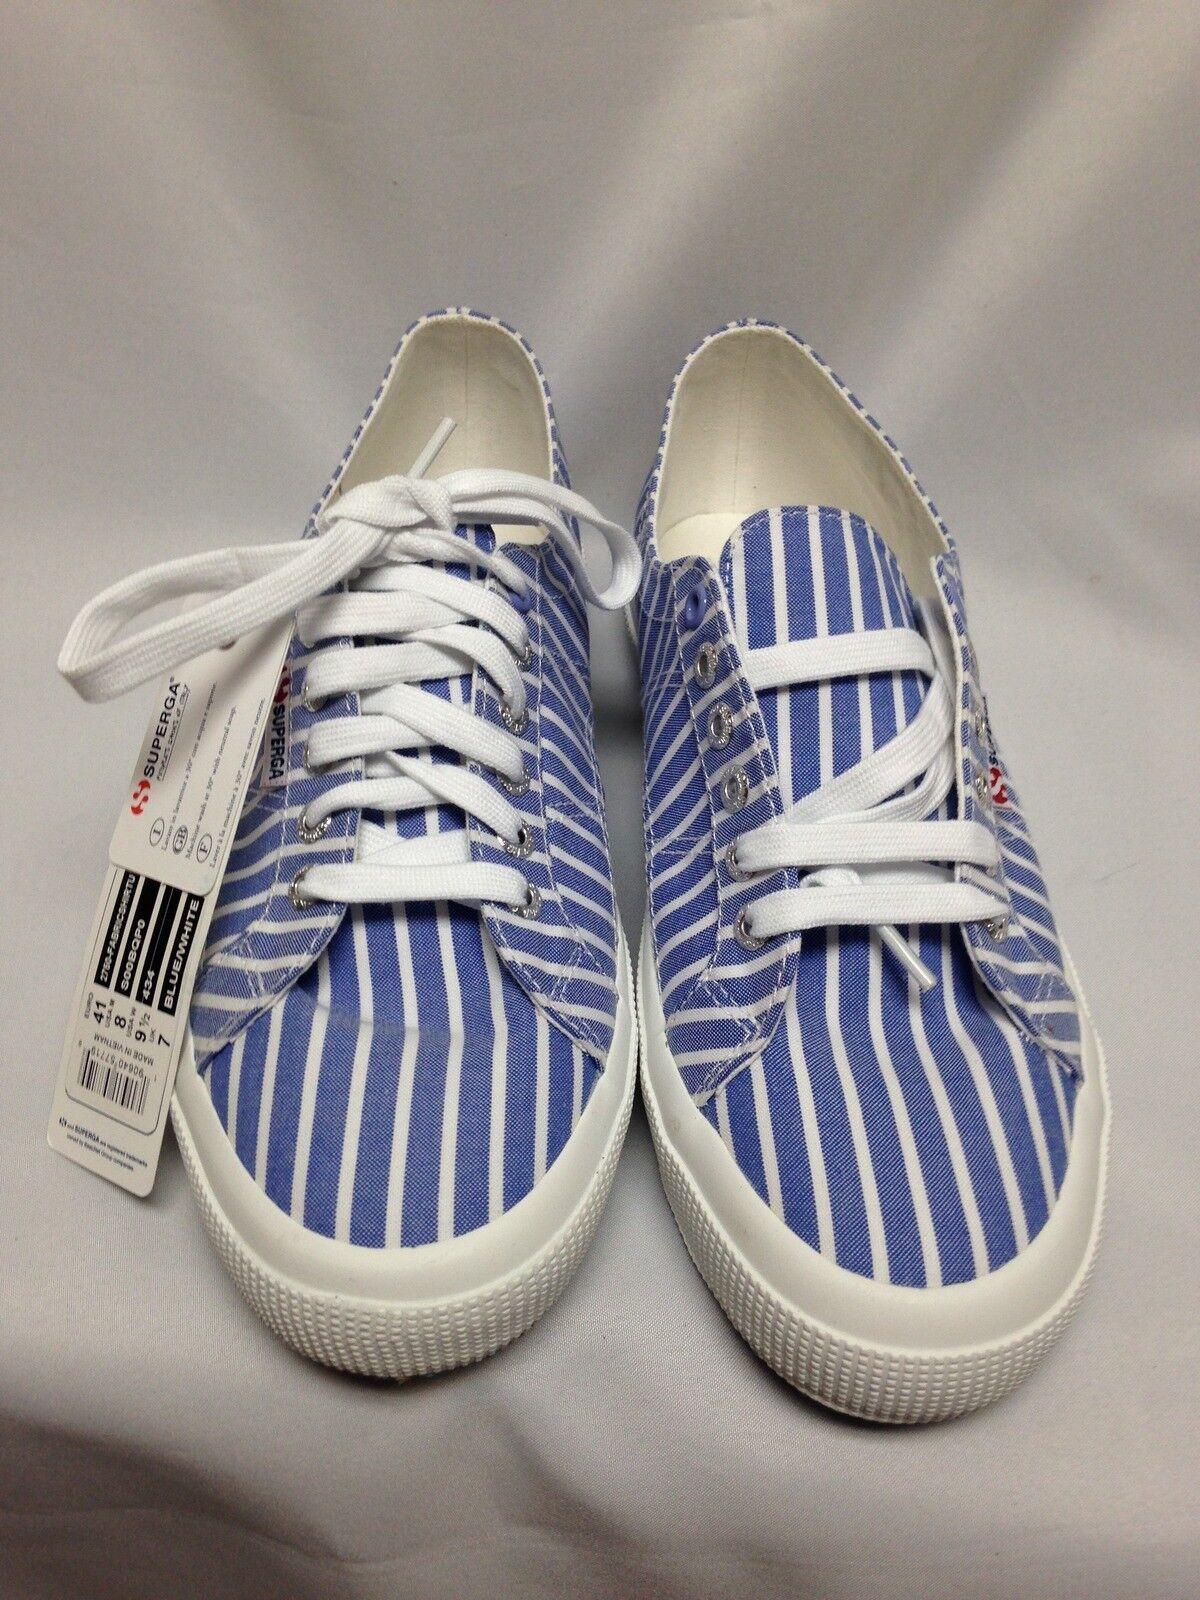 Superga 2750 FABRIC SHIRT TU S00BQPO bluee   White 8, 9 1 2 , 10 NIB